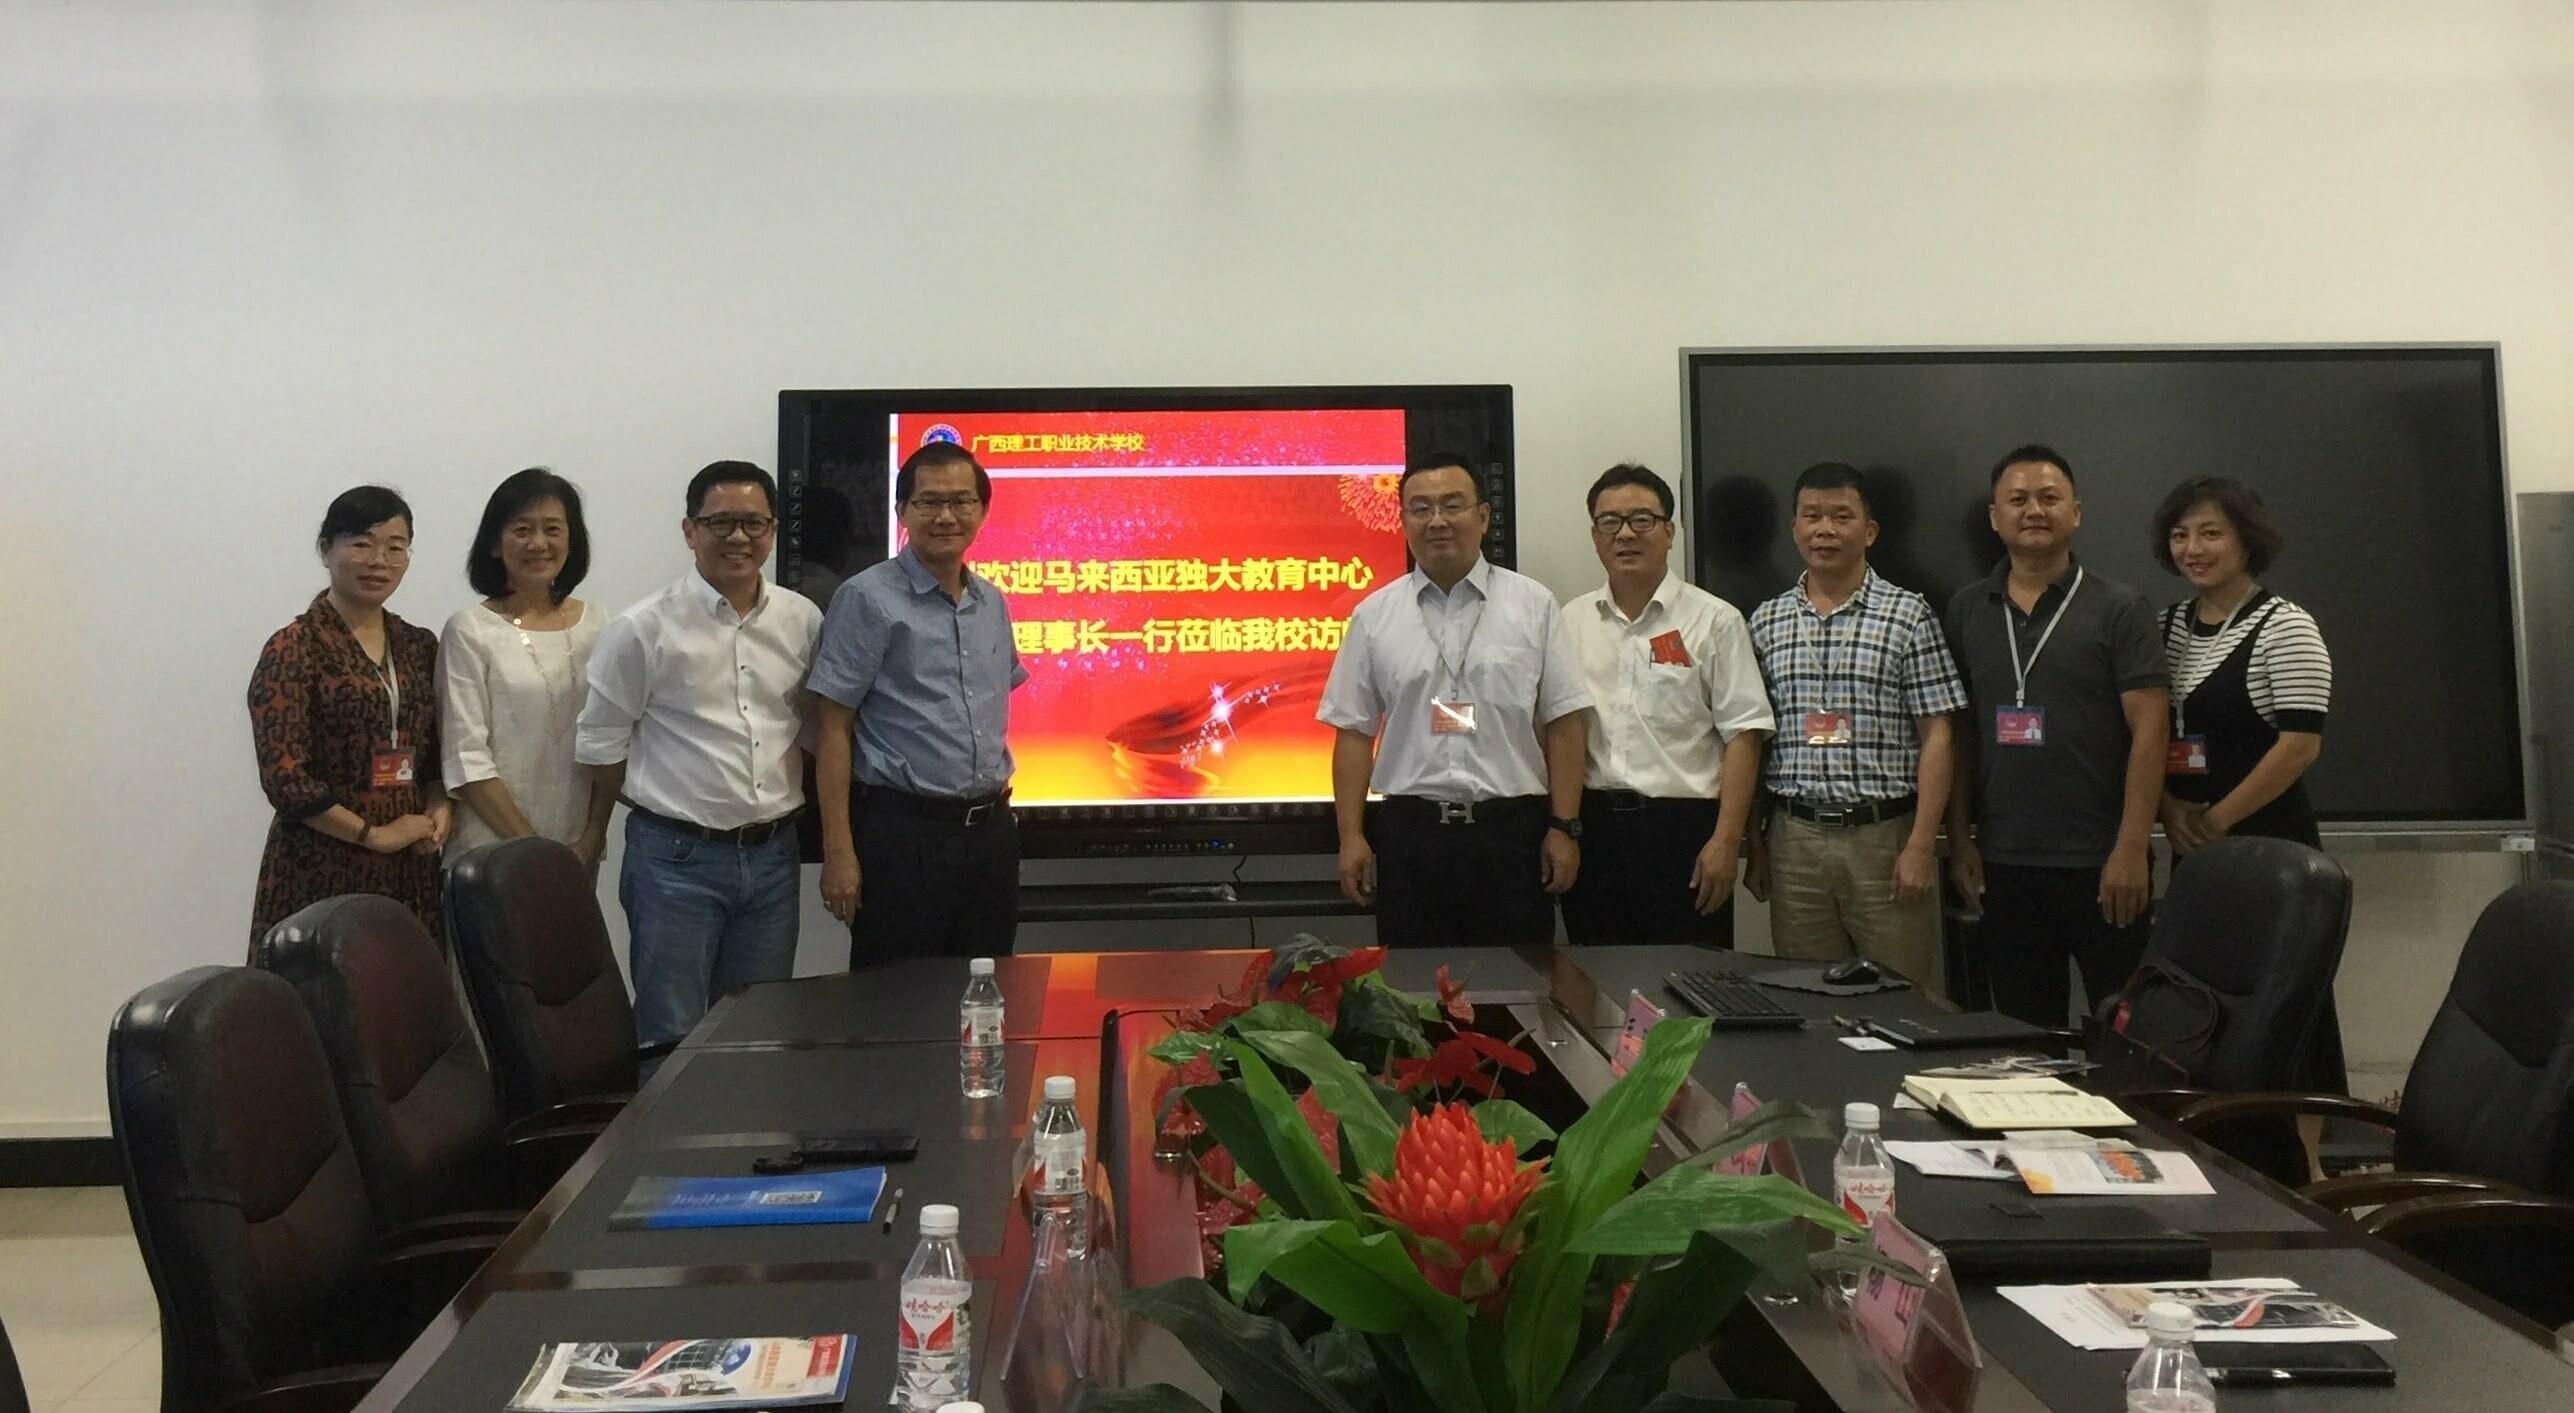 独大教育中心代表与广西理工职业技术学校杨山校长及国际学院各领导合影